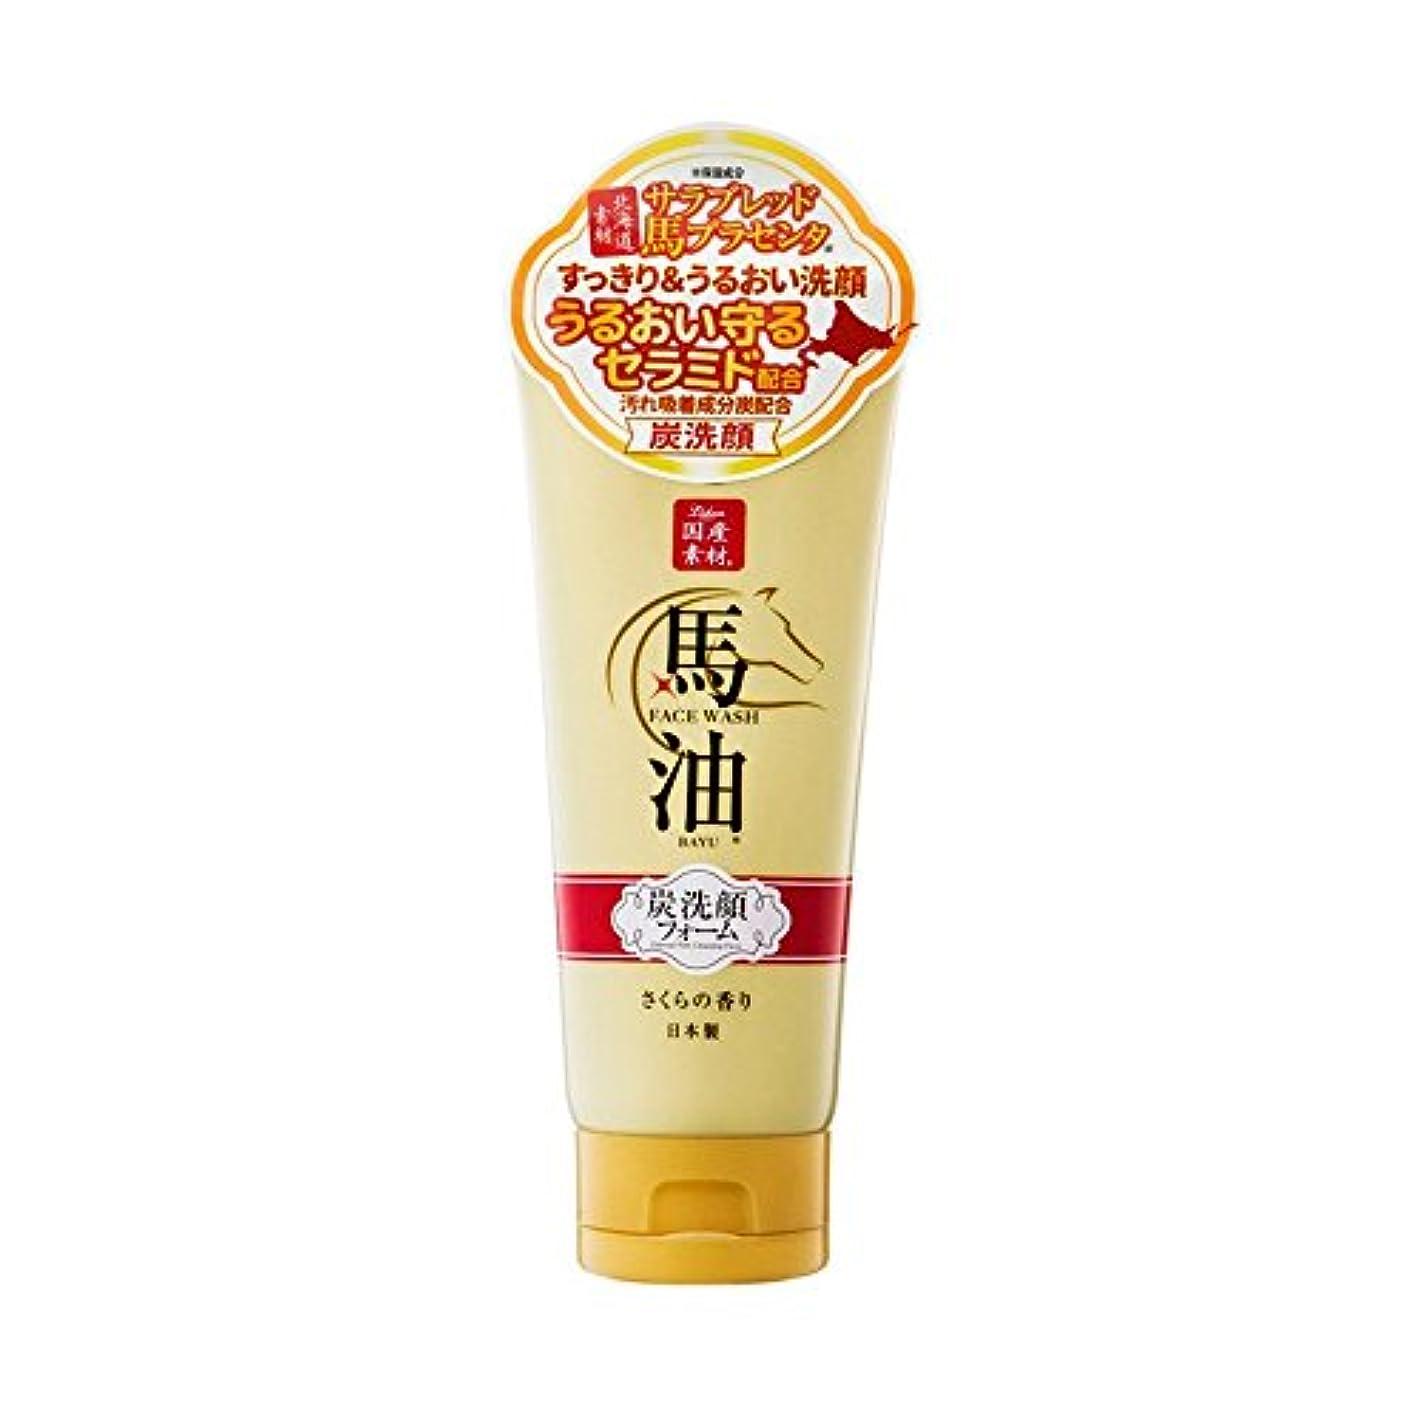 ライター苦悩遺産リシャン 馬油&炭洗顔フォーム(さくらの香り)(内容量130g)